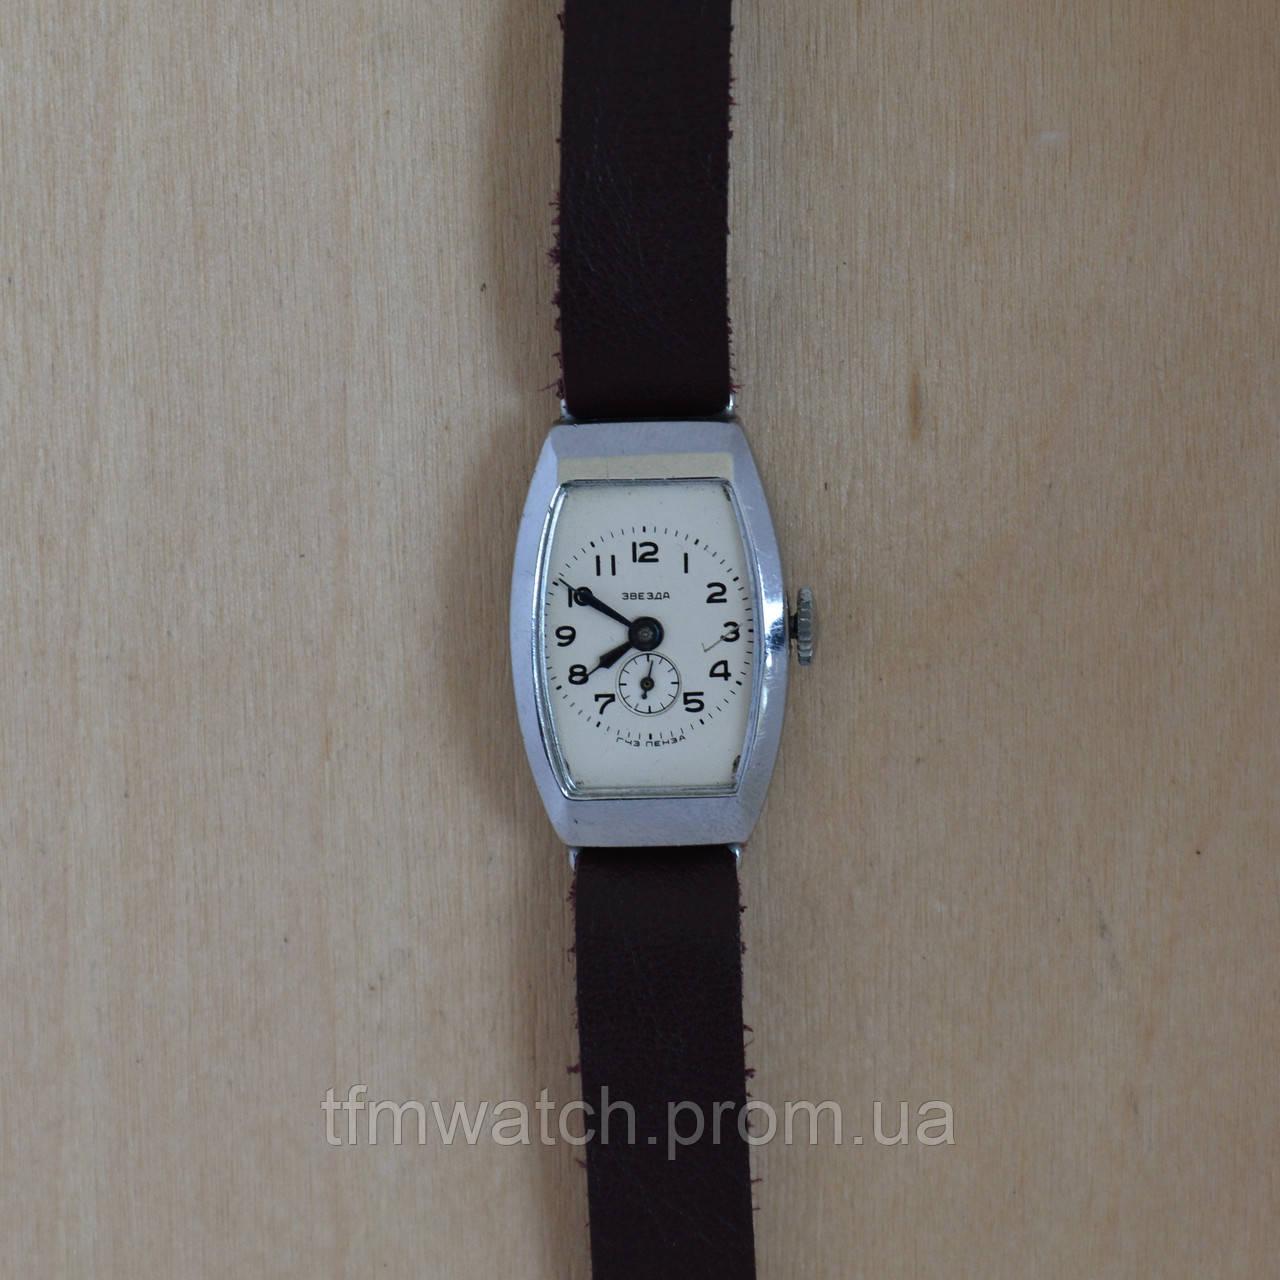 Пенза купить наручные часы в часы бен тена купить москва